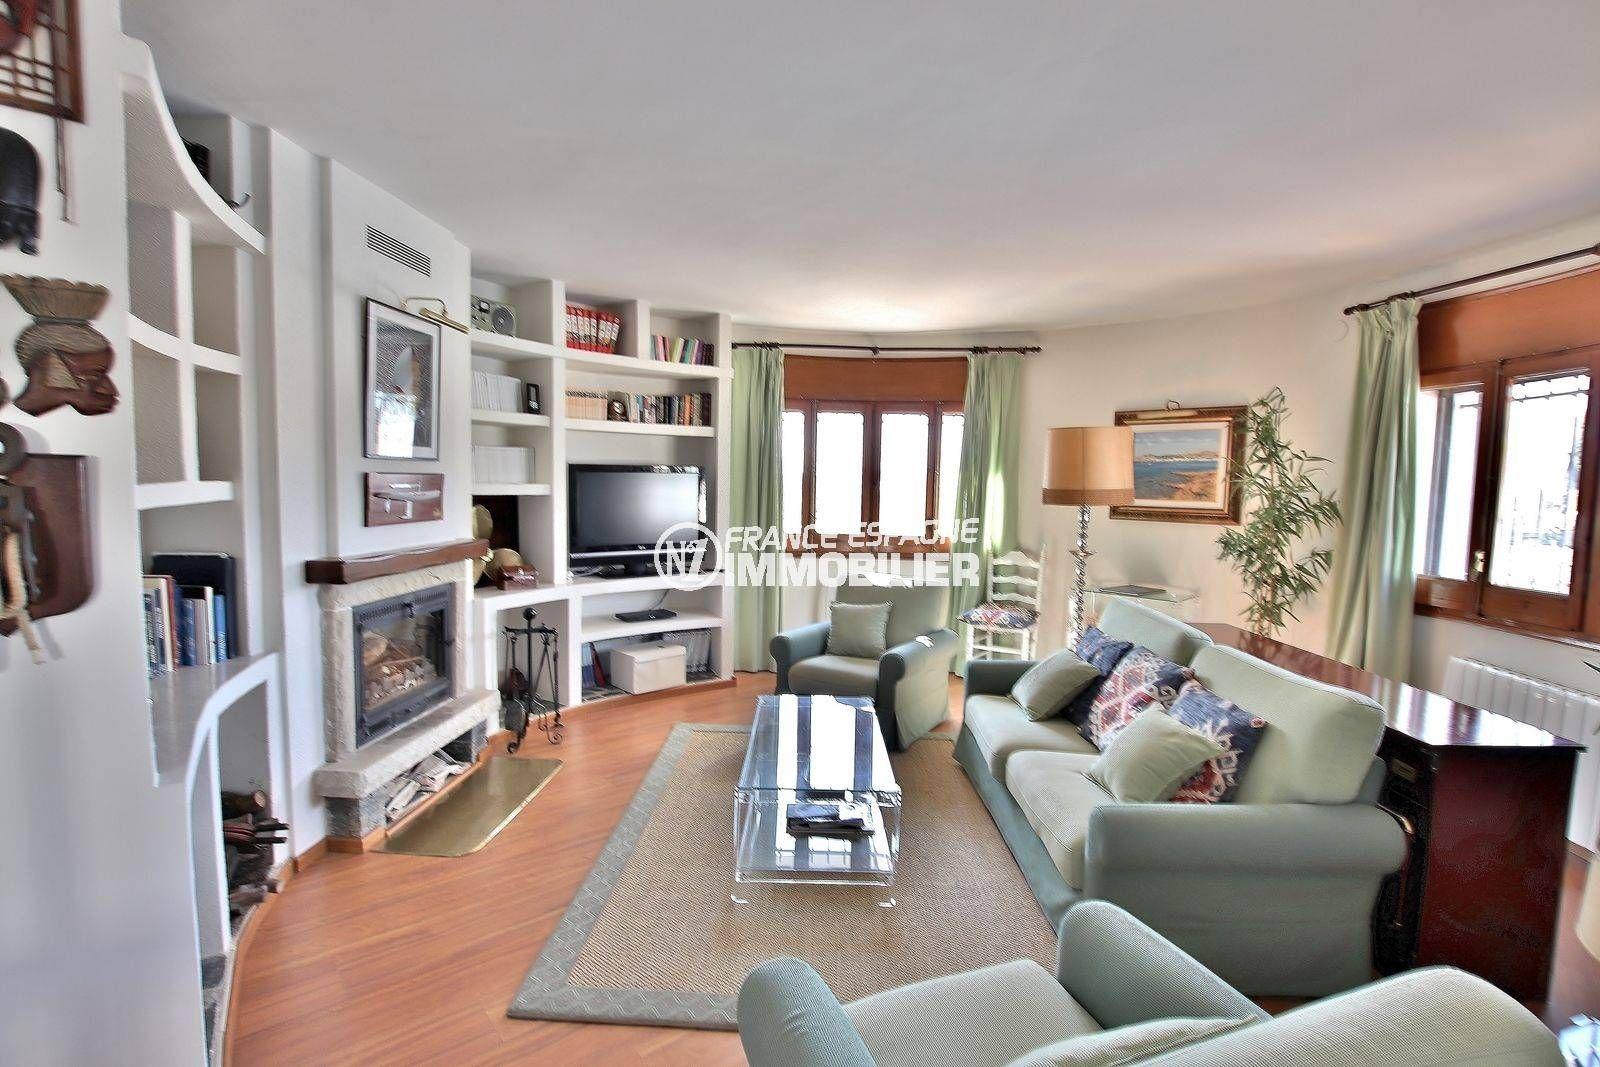 agence immobiliere rosas santa margarita: villa 292 m², spacieux salon / séjour avec une jolie cheminée